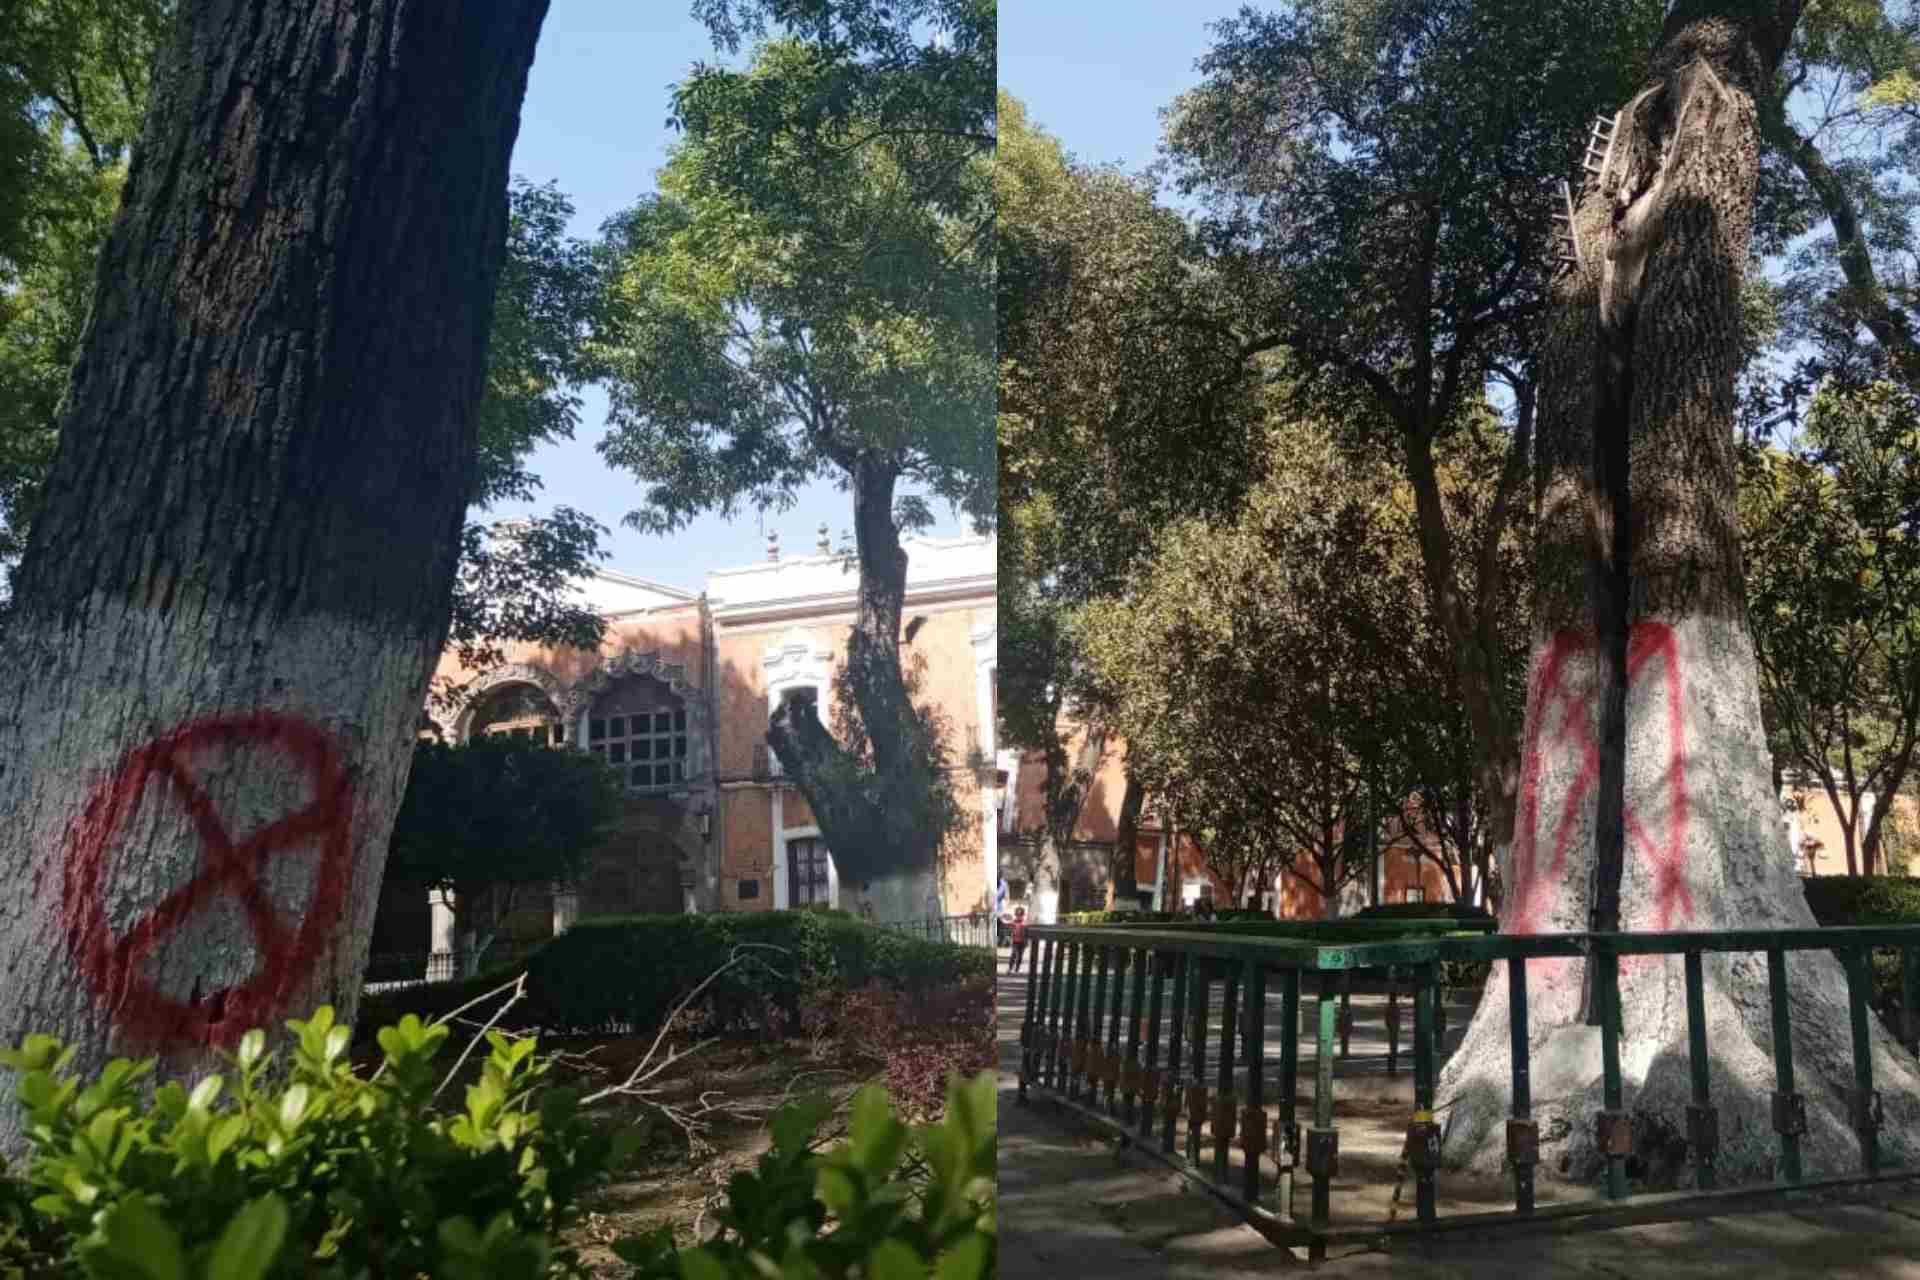 árboles-Plaza de la Constitución-SEDATU-Programa de Mejoramiento Integral de Barrios